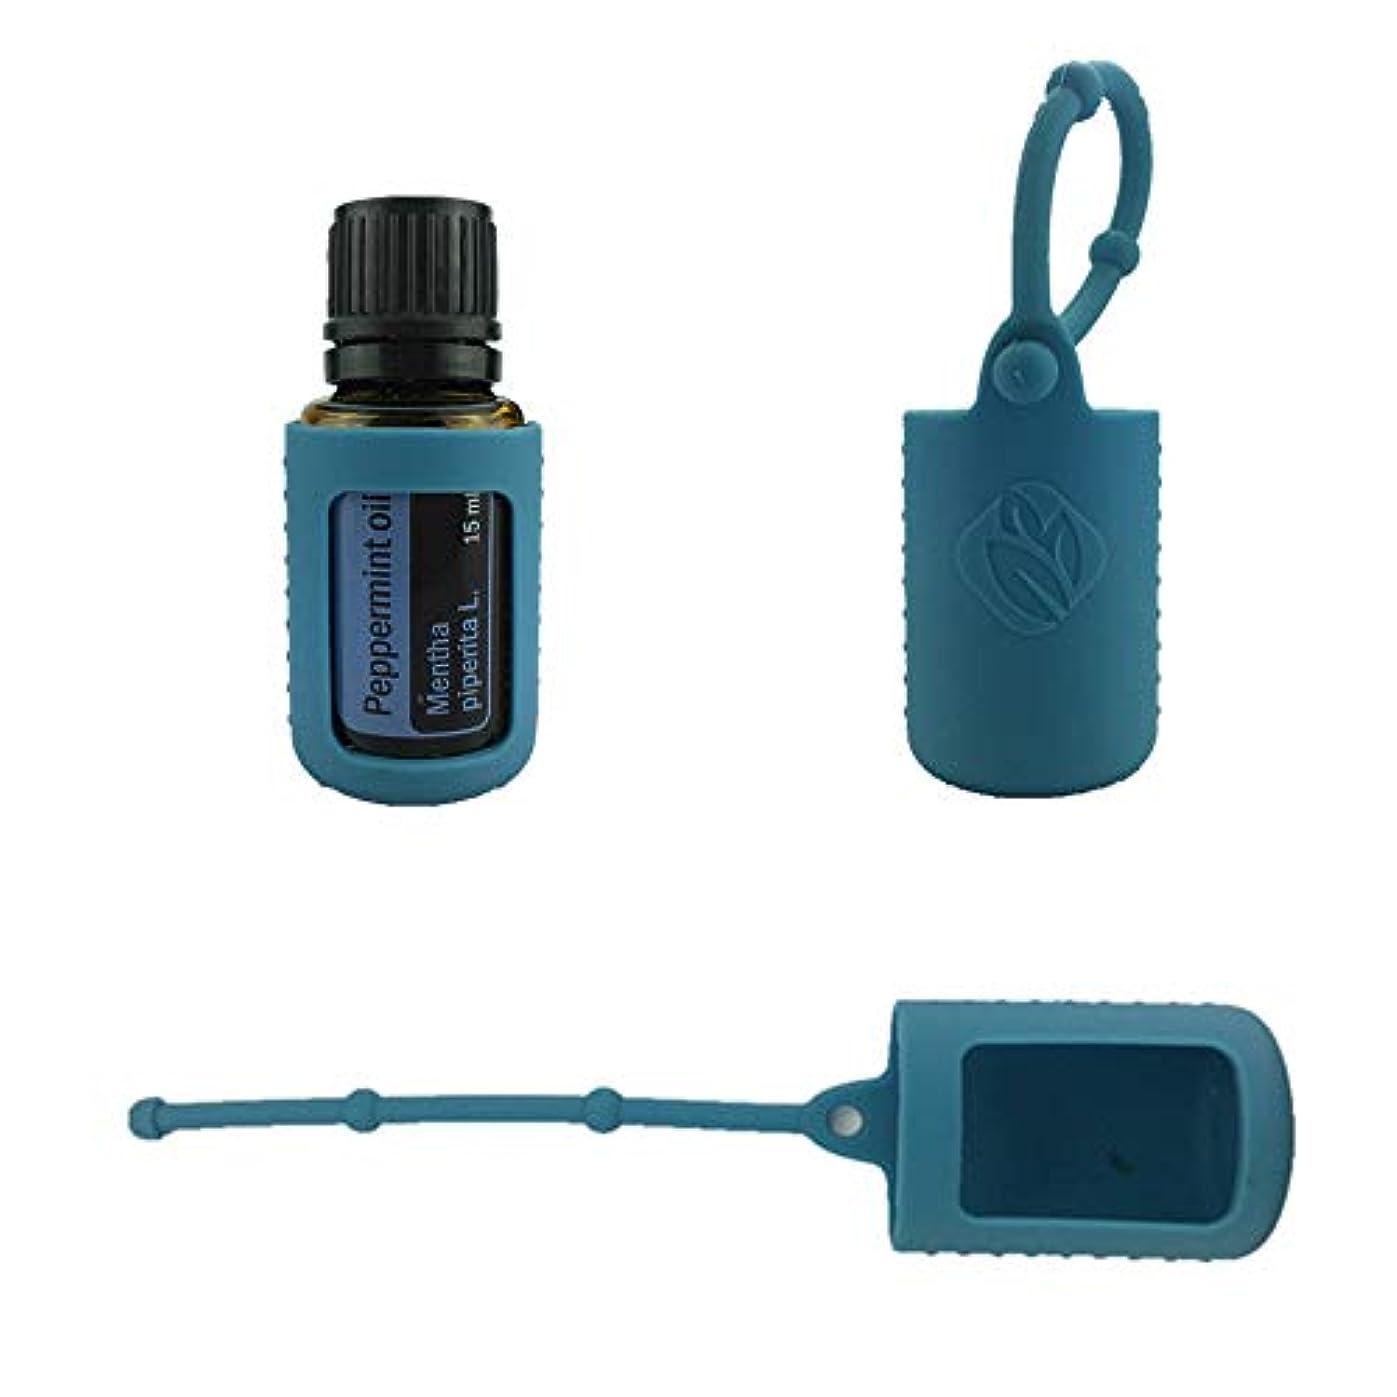 牧師カブエキゾチック6パック熱望オイルボトルシリコンローラーボトルホルダースリーブエッセンシャルオイルボトル保護カバーケースハングロープ - ダンク ブルー - 6-pcs 10ml